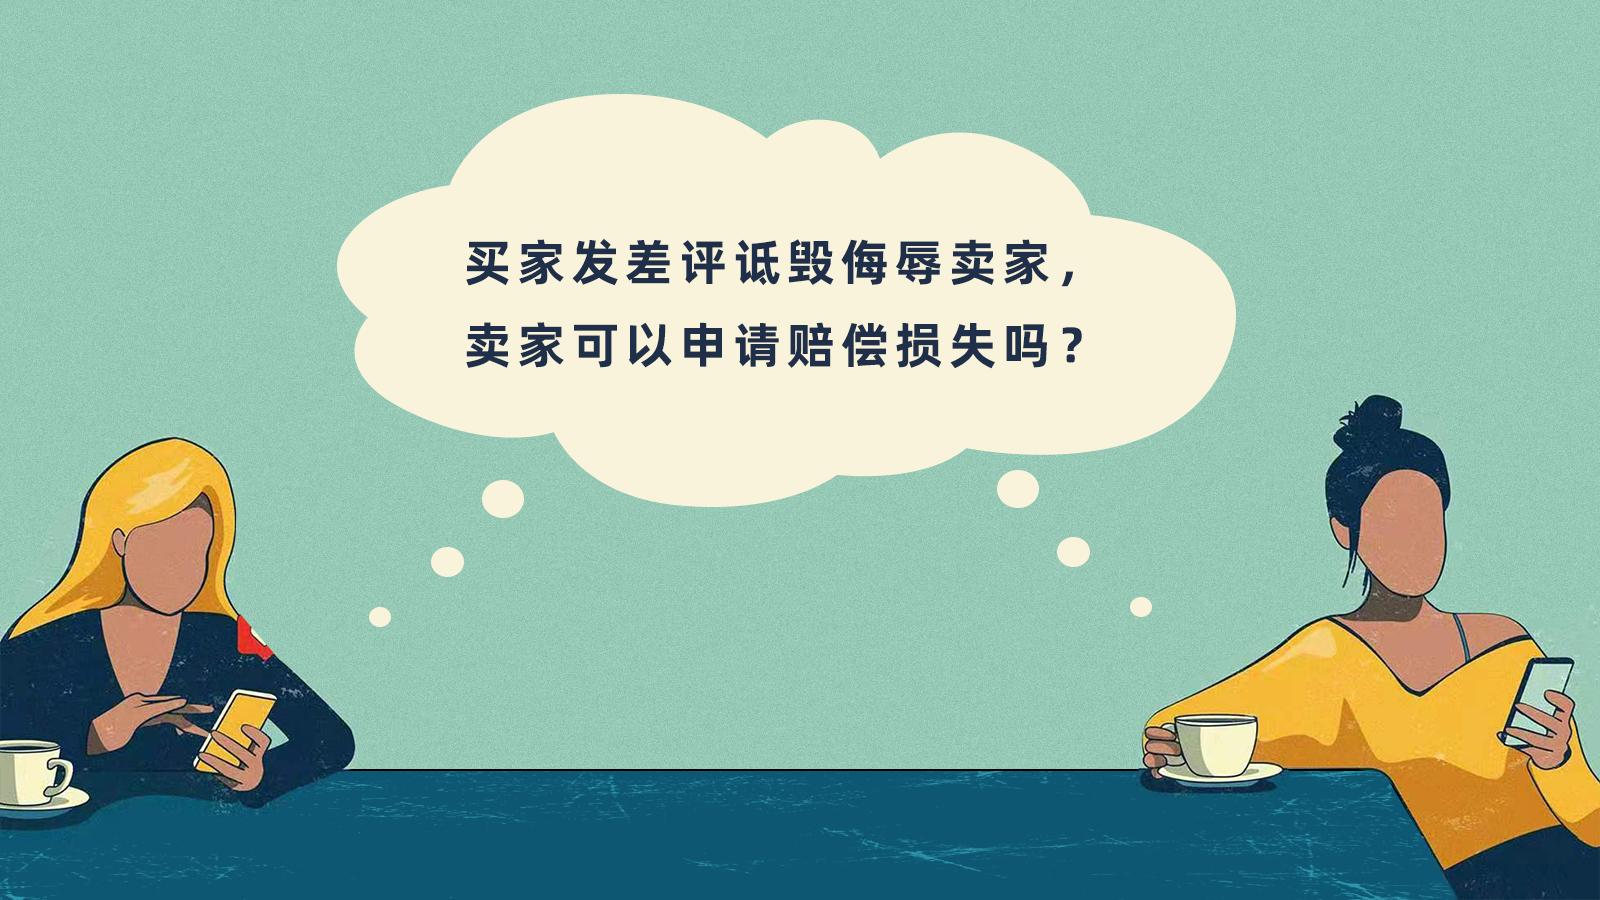 买家发差评诋毁侮辱卖家,卖家可以申请赔偿损失吗?